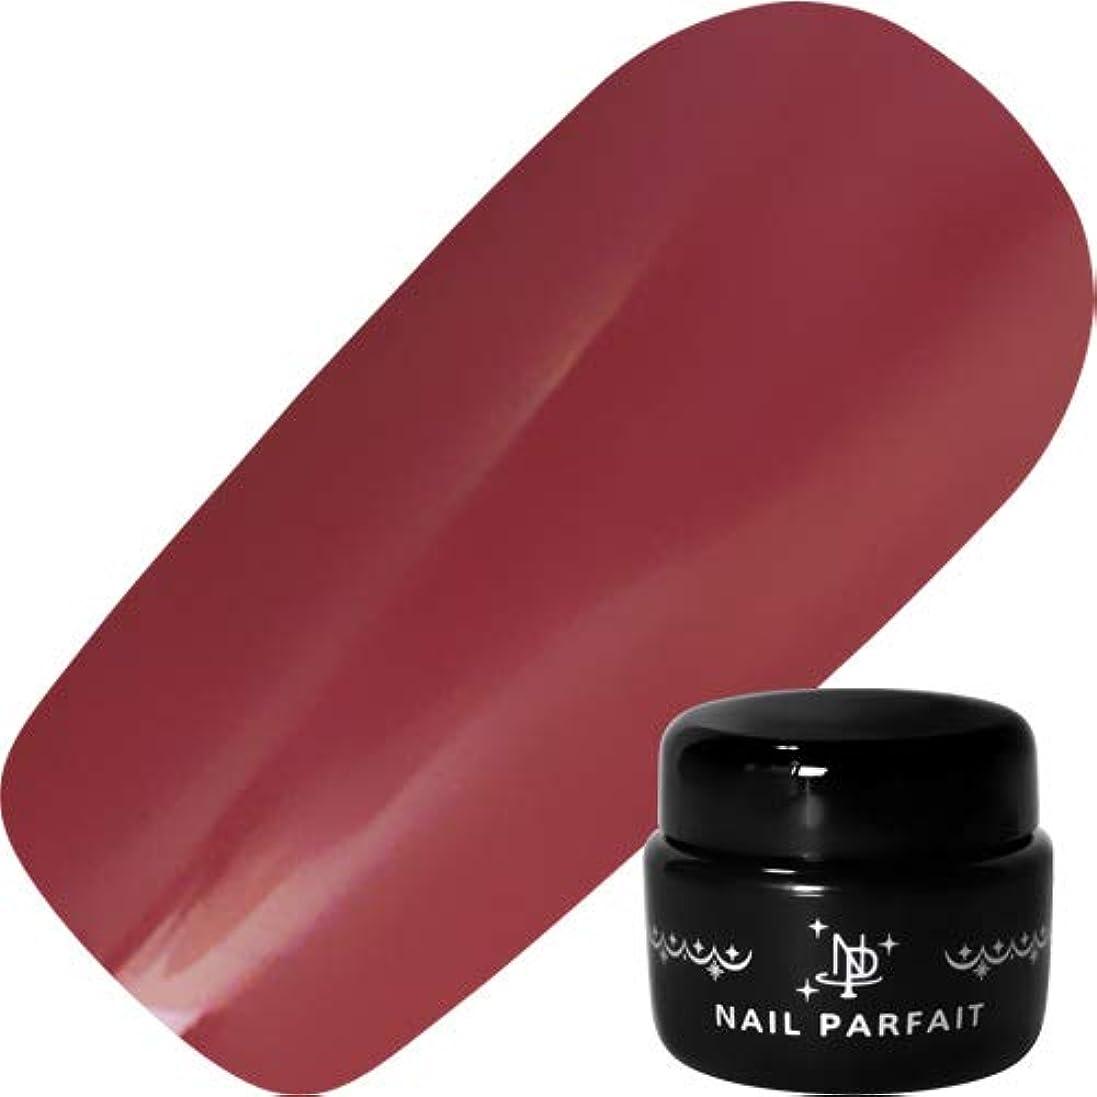 商品フック一方、NAIL PARFAIT ネイルパフェ カラージェル 121 サングリア 2g 【ジェル/カラージェル?ネイル用品】